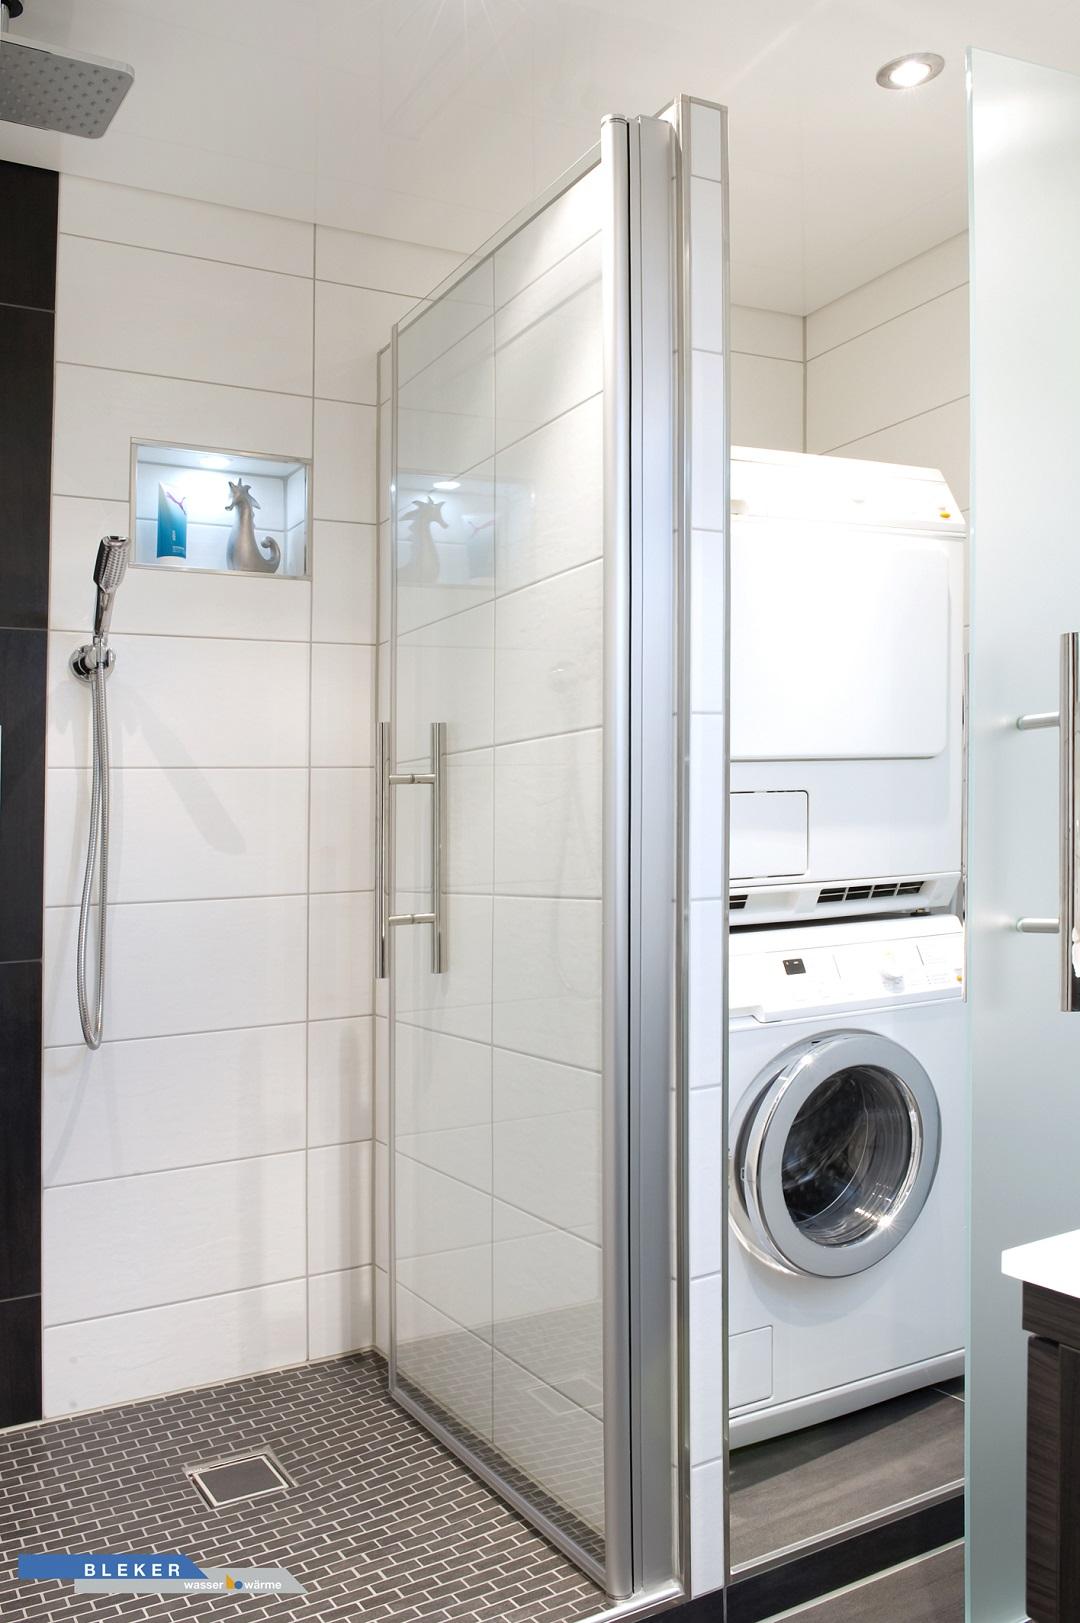 grosse Dusche verbunden mit Abstellraum für Waschmaschine und Trockner